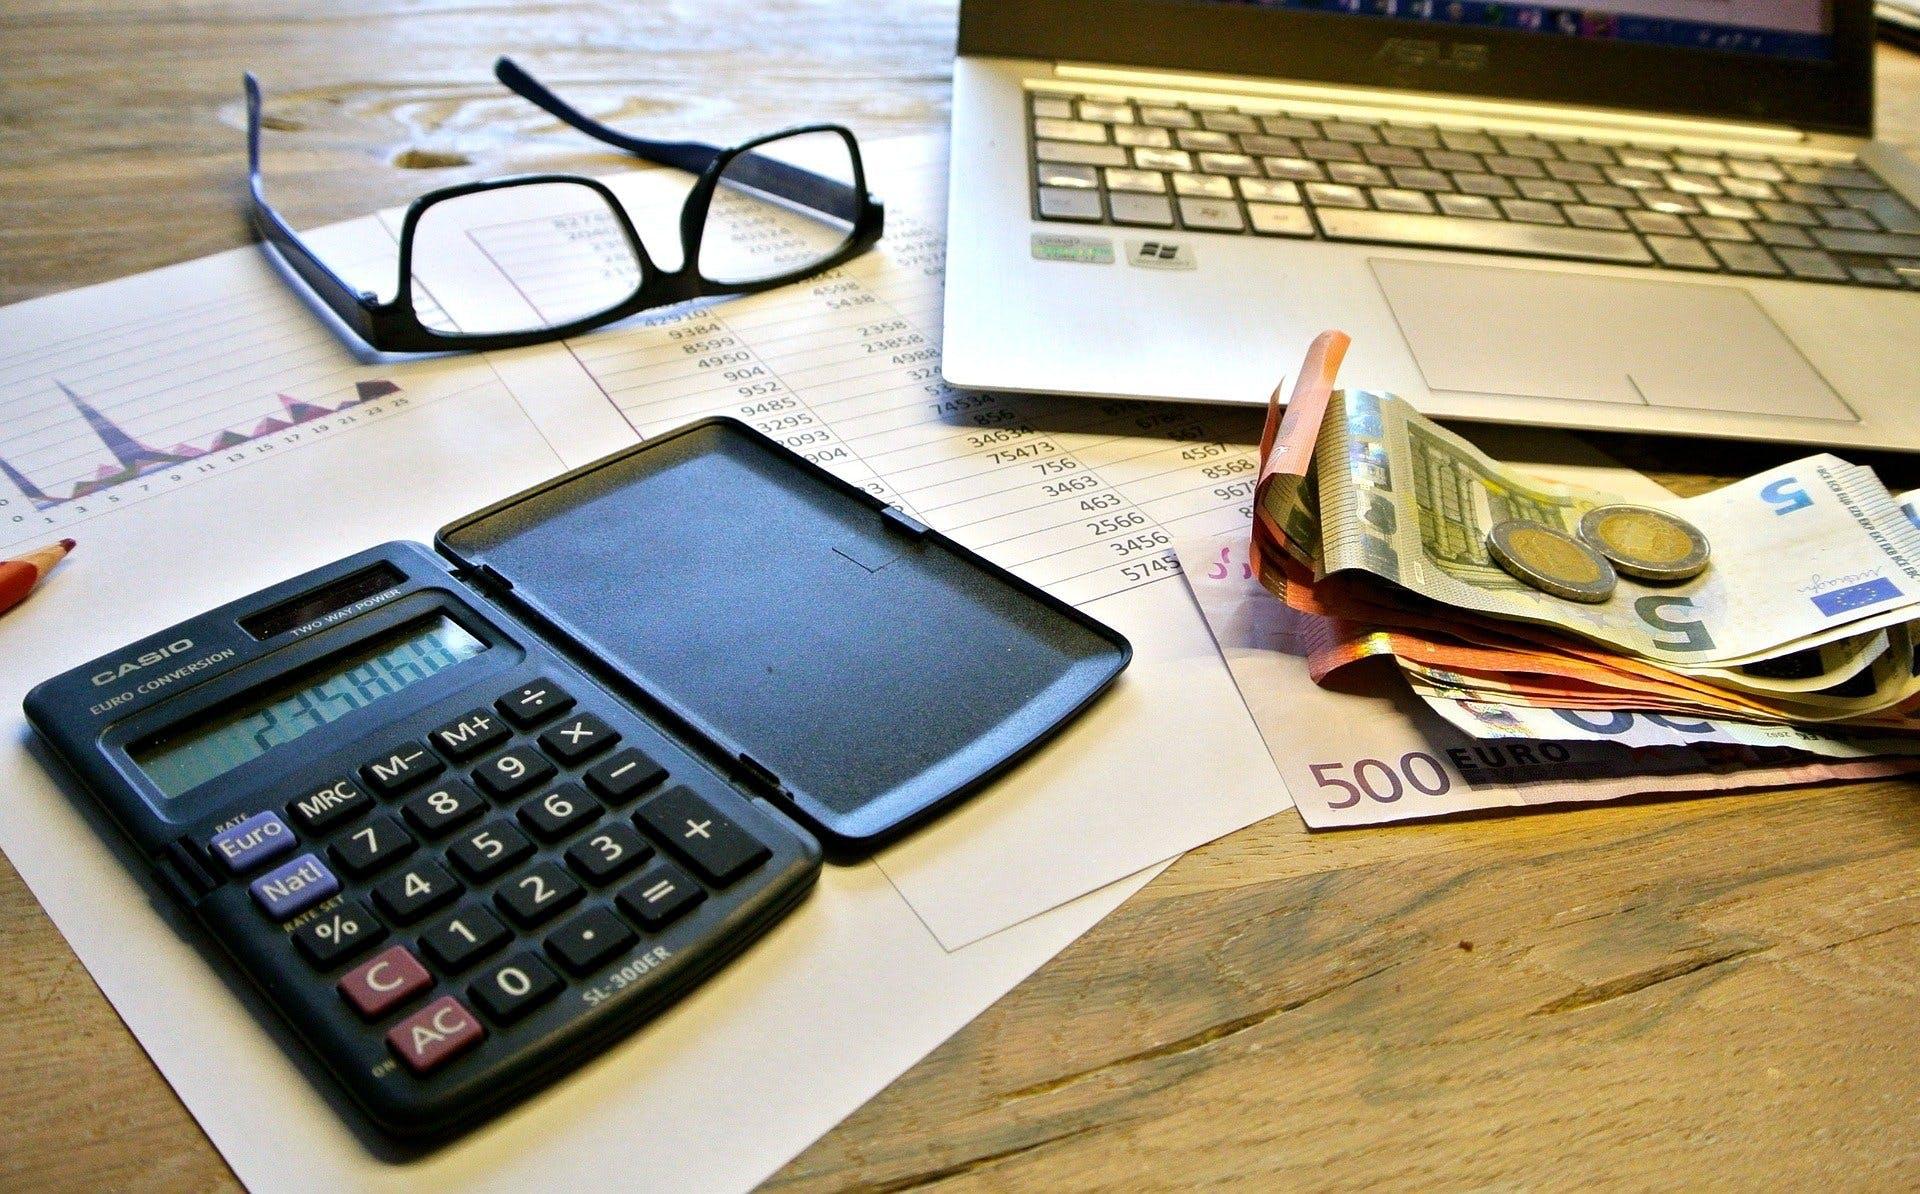 家賃収入がある場合の確定申告の手順を整理。課税の仕組みも解説